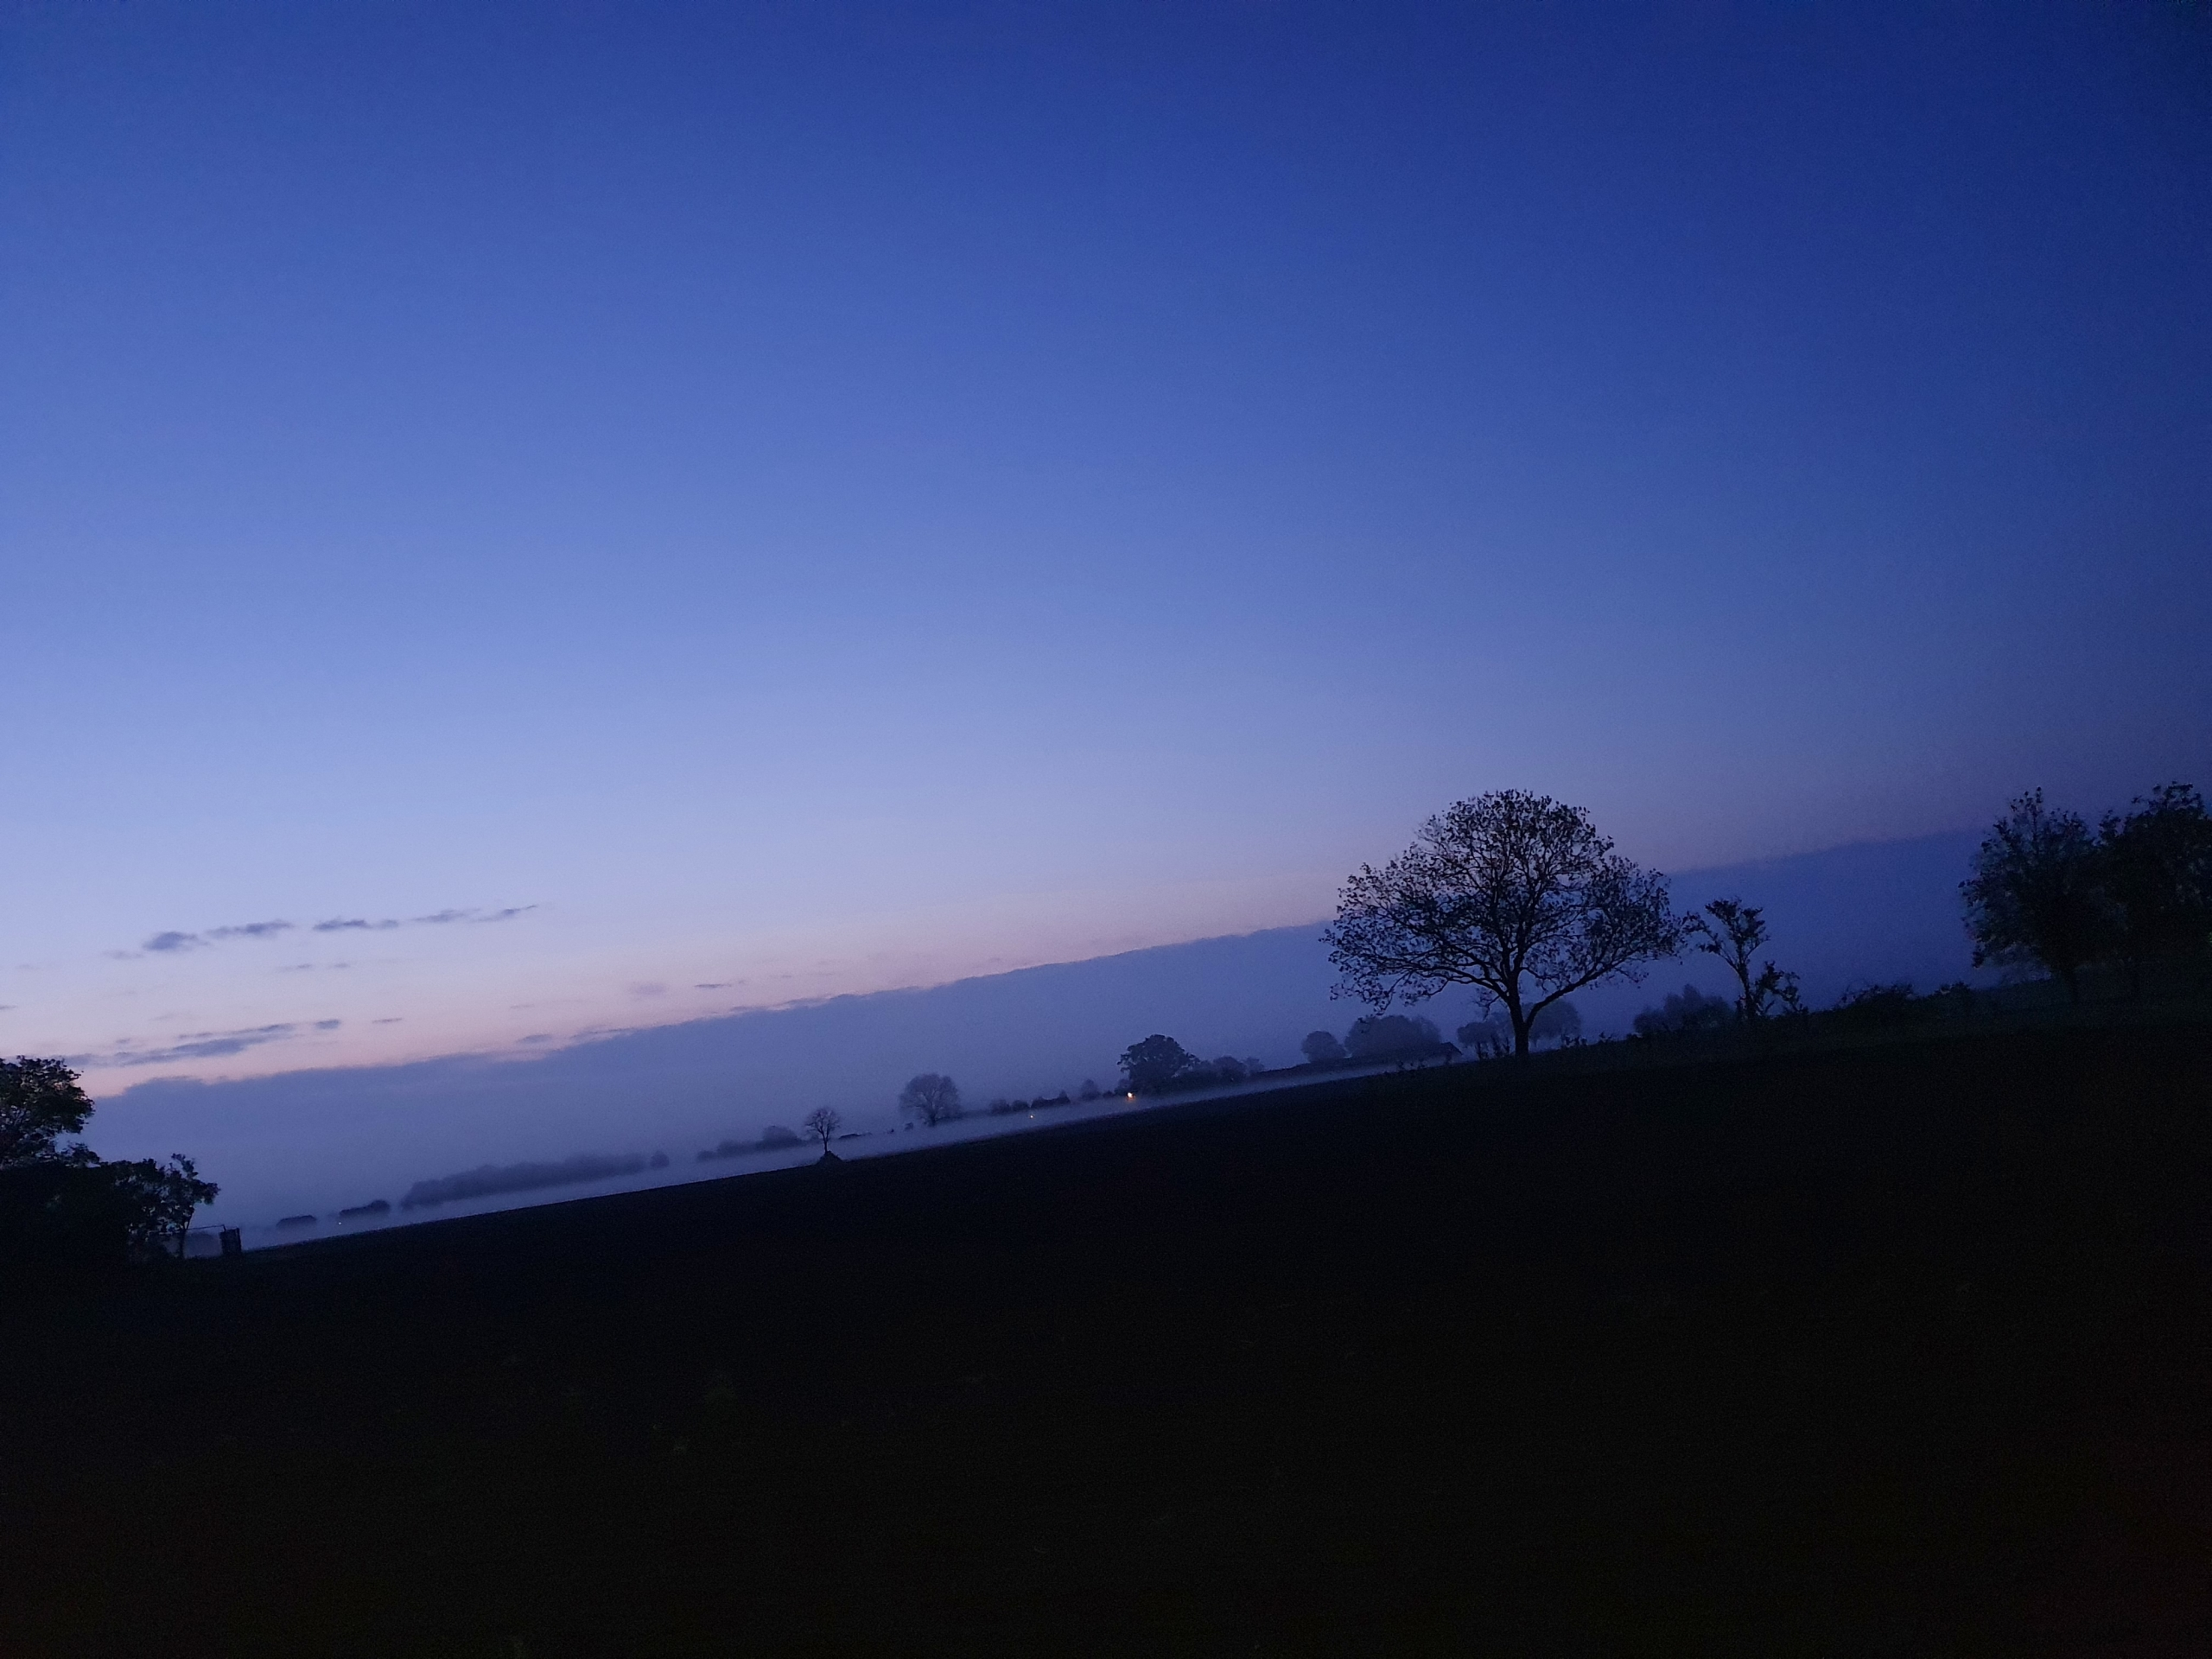 Het eerste ochtend licht vlak voor Braamt op donderdagochtend 13 mei 2021